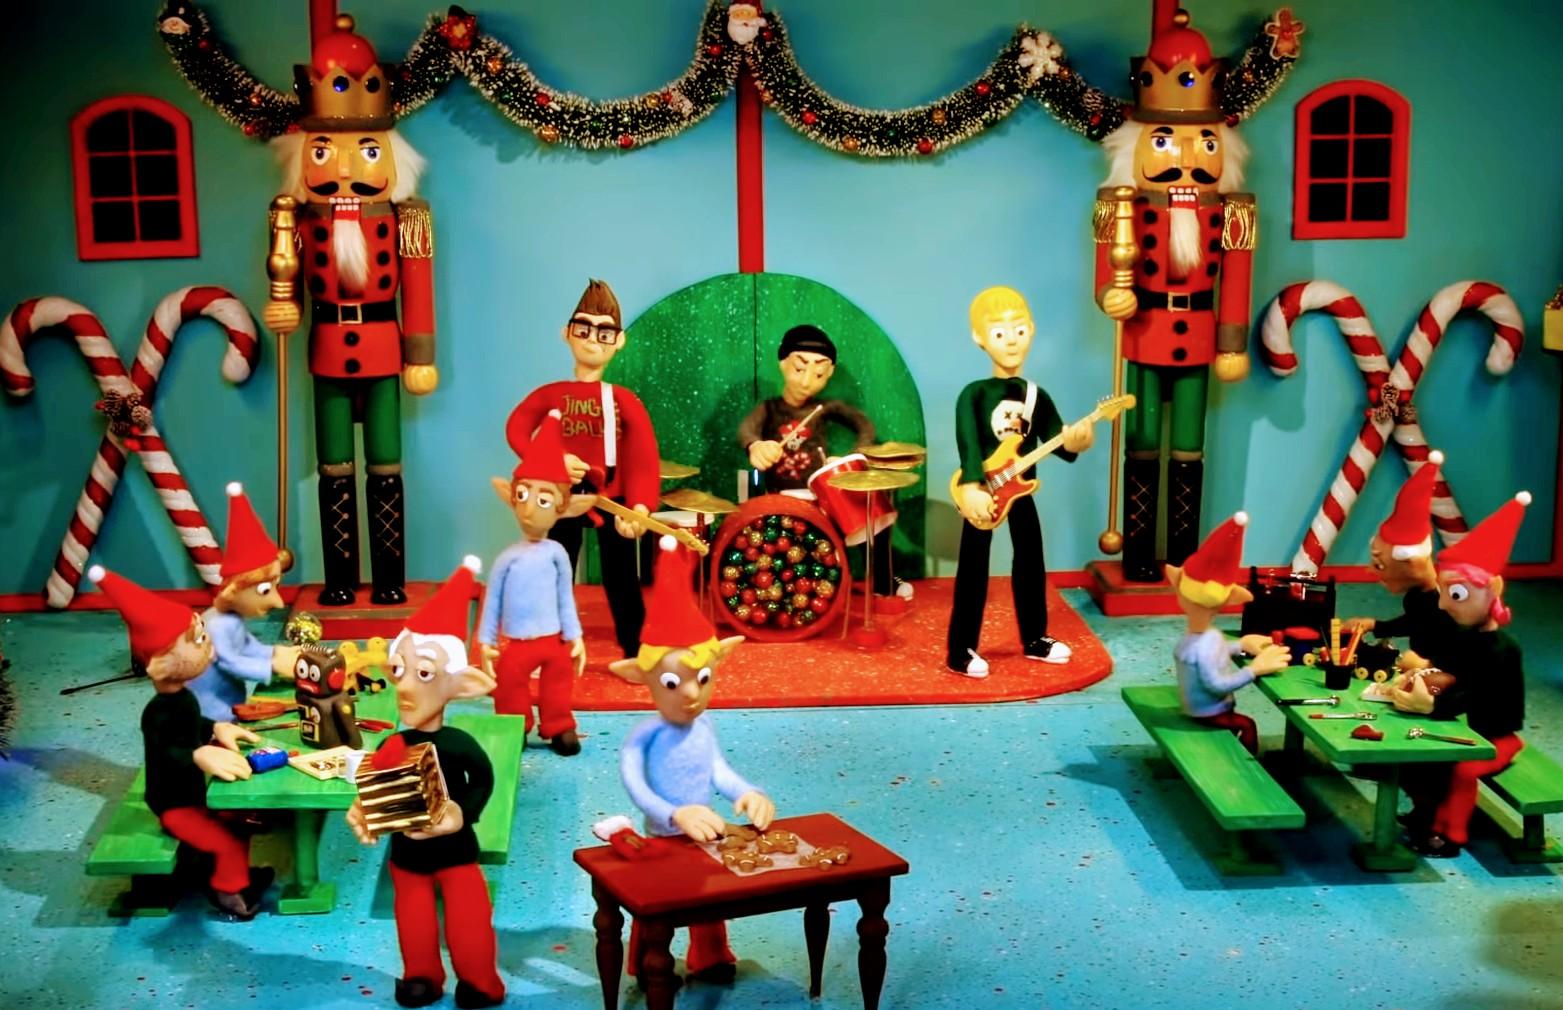 Imagem retirada do clipe do YouTube: A banda Blink-182 representada em bonecos de massinha, que estão tocando a música dentro da fábrica do Papai Noel, em meio a enfeites de natal e duendes.